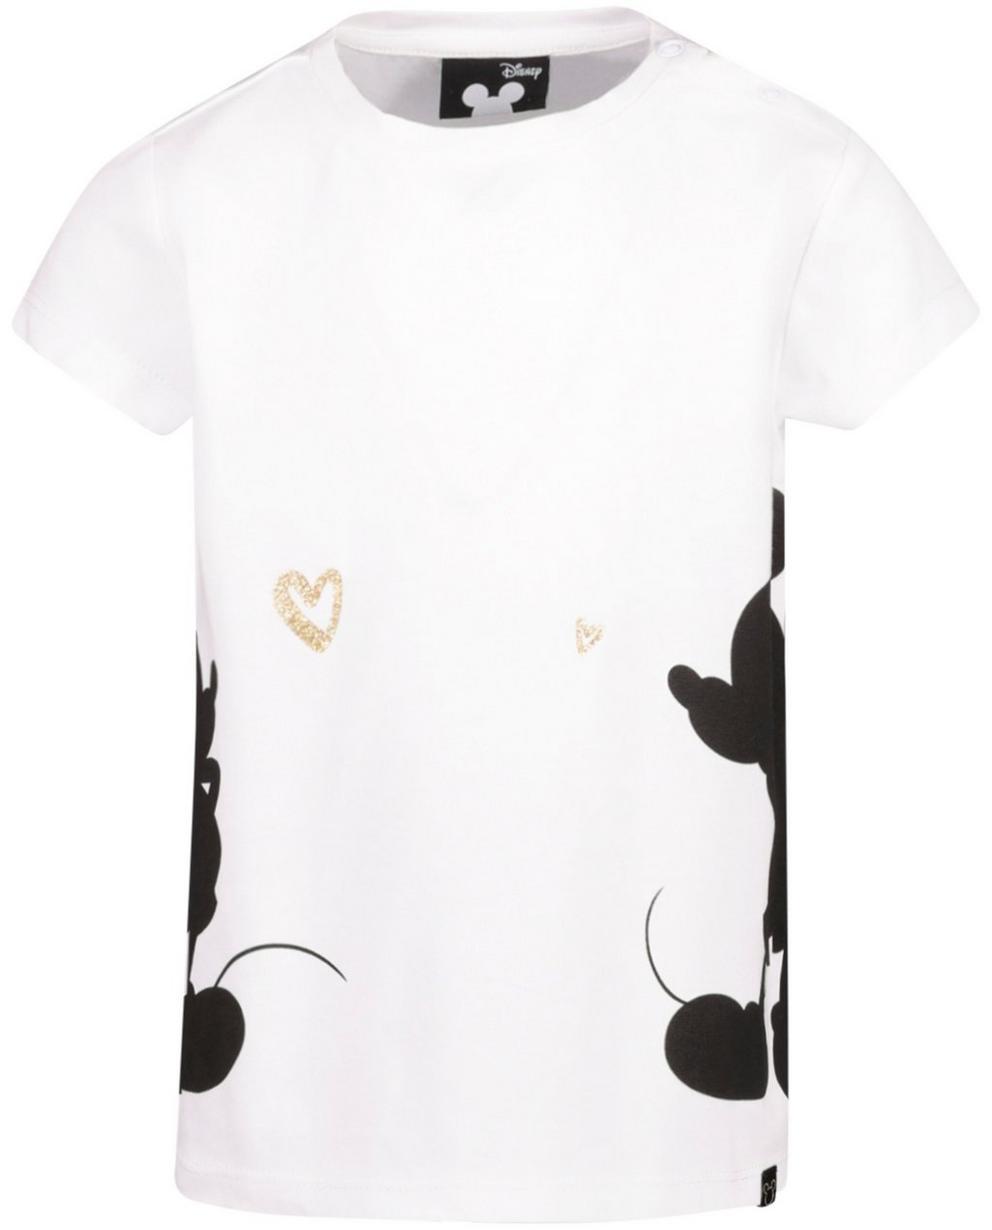 T-Shirts - Weiss - T-Shirt mit Glitzer-Print